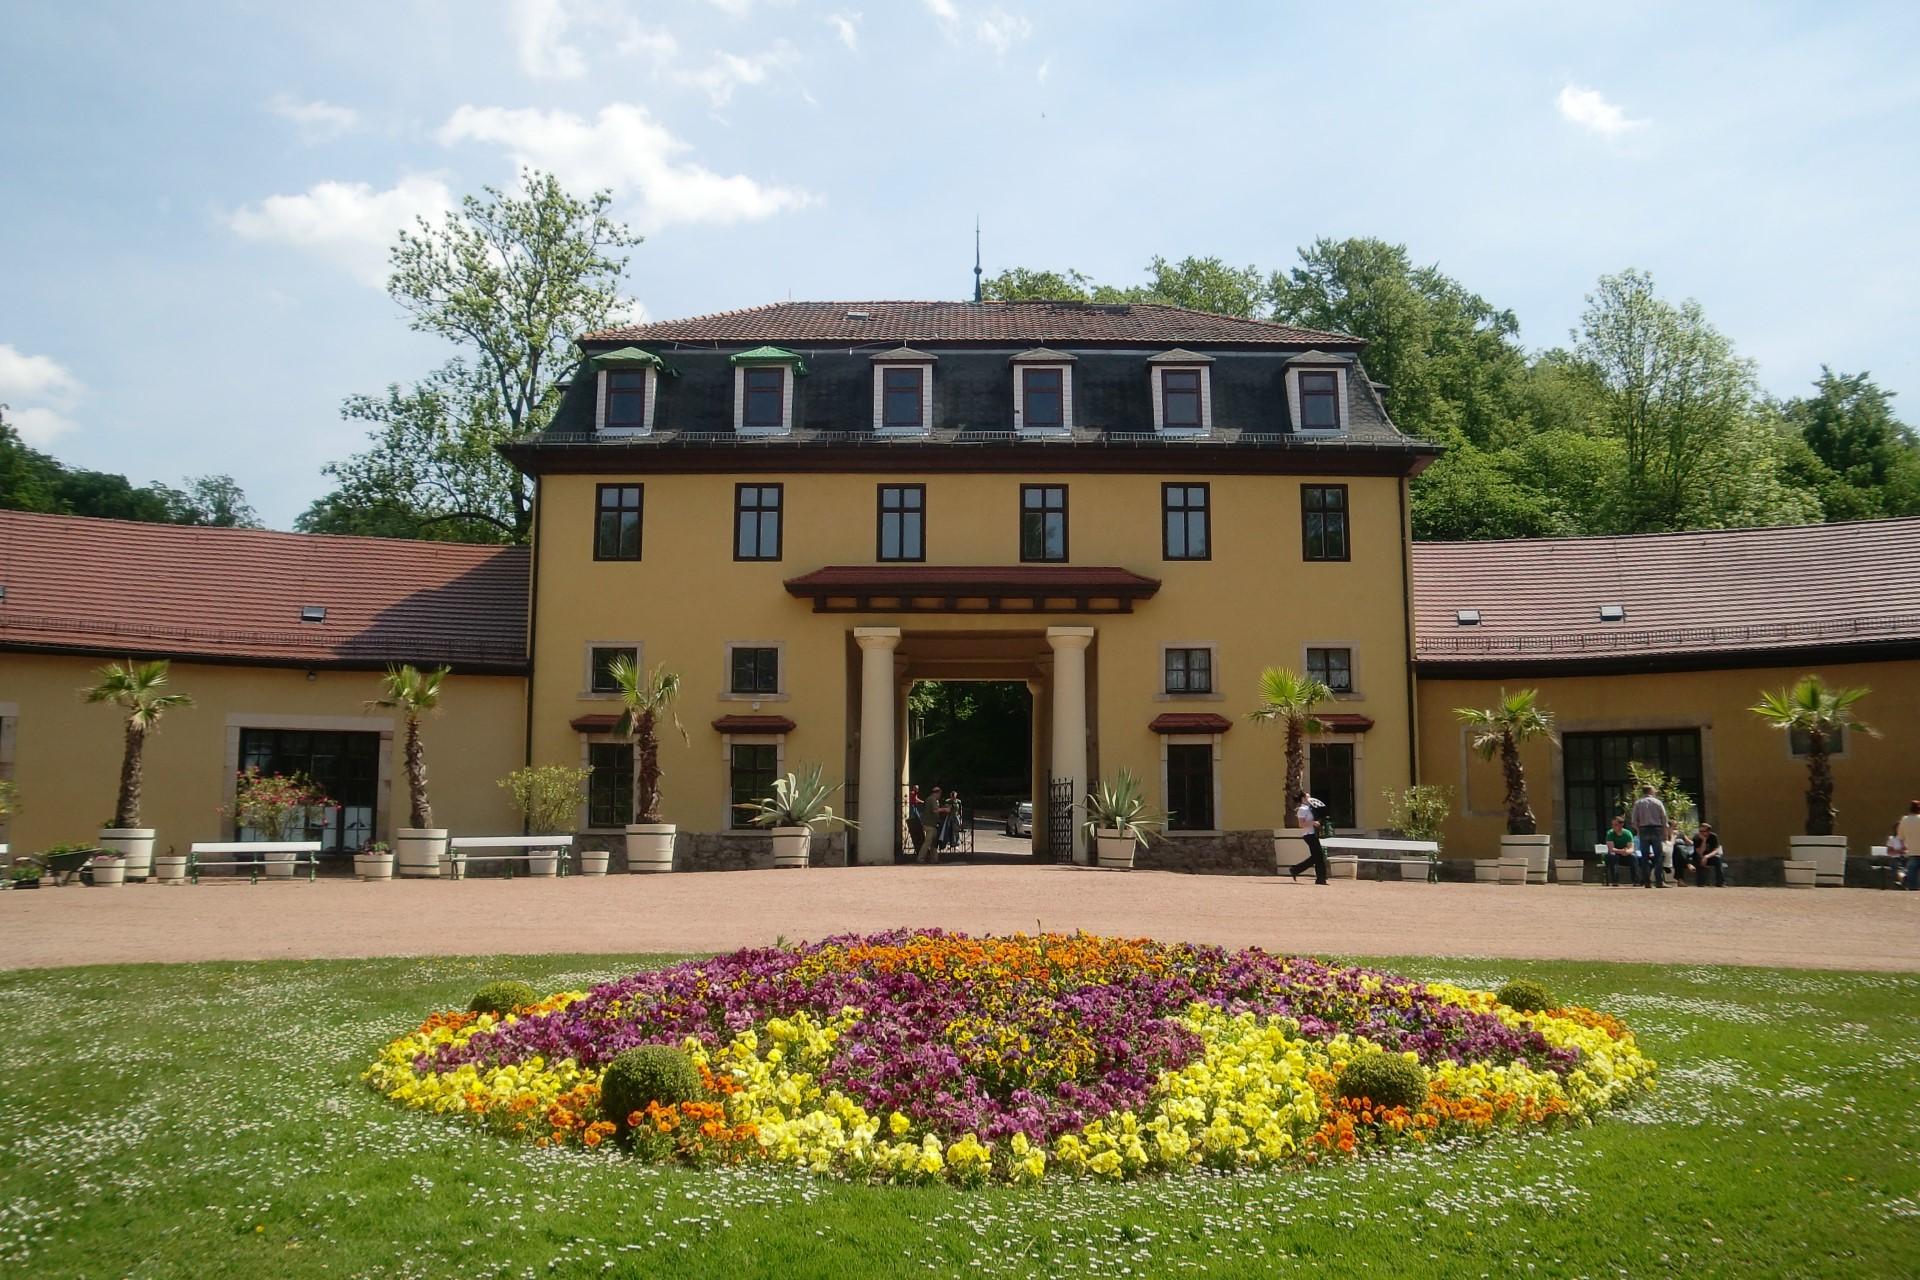 Altensteiner Park